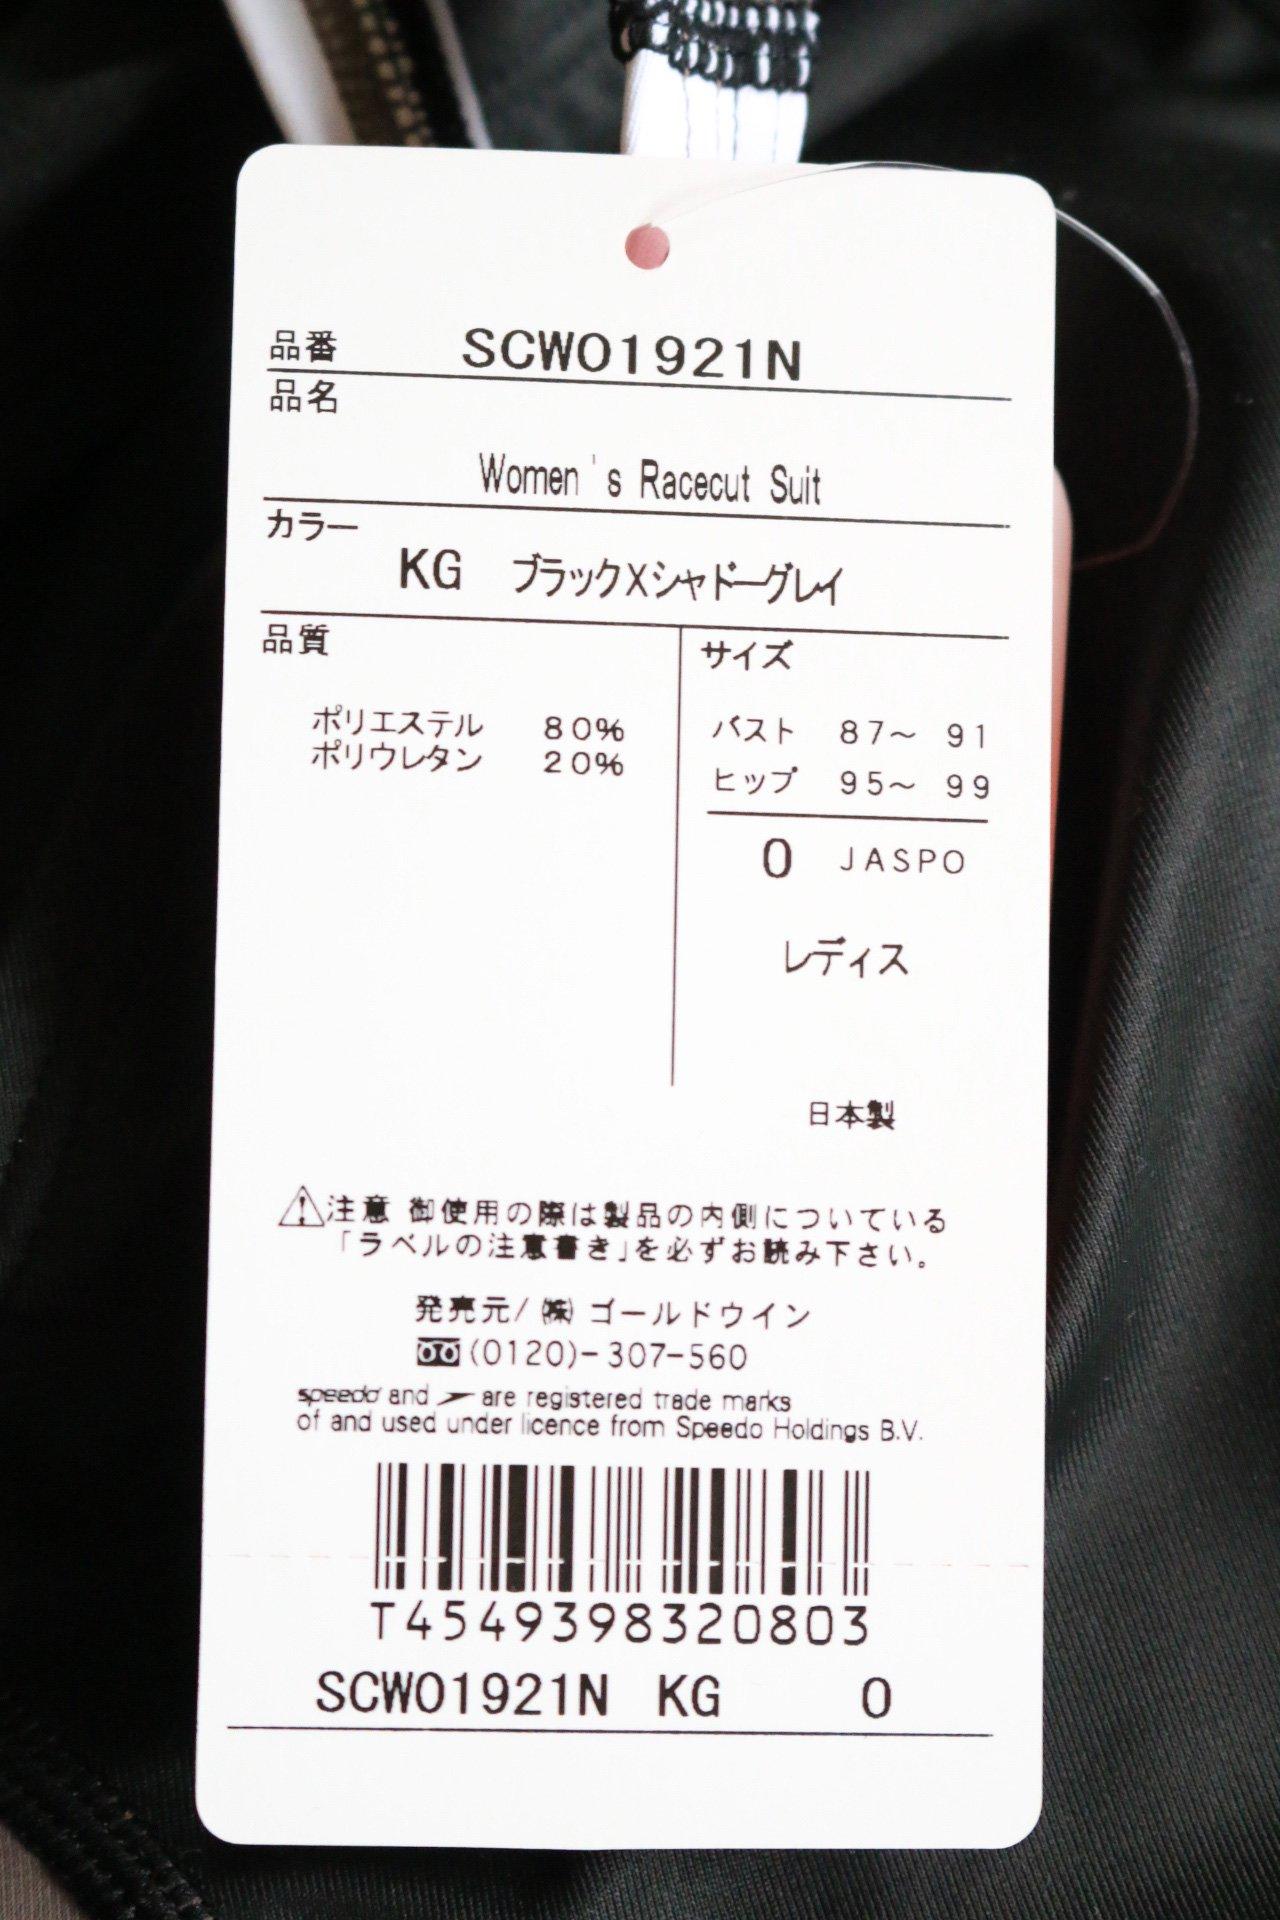 SCW01921N